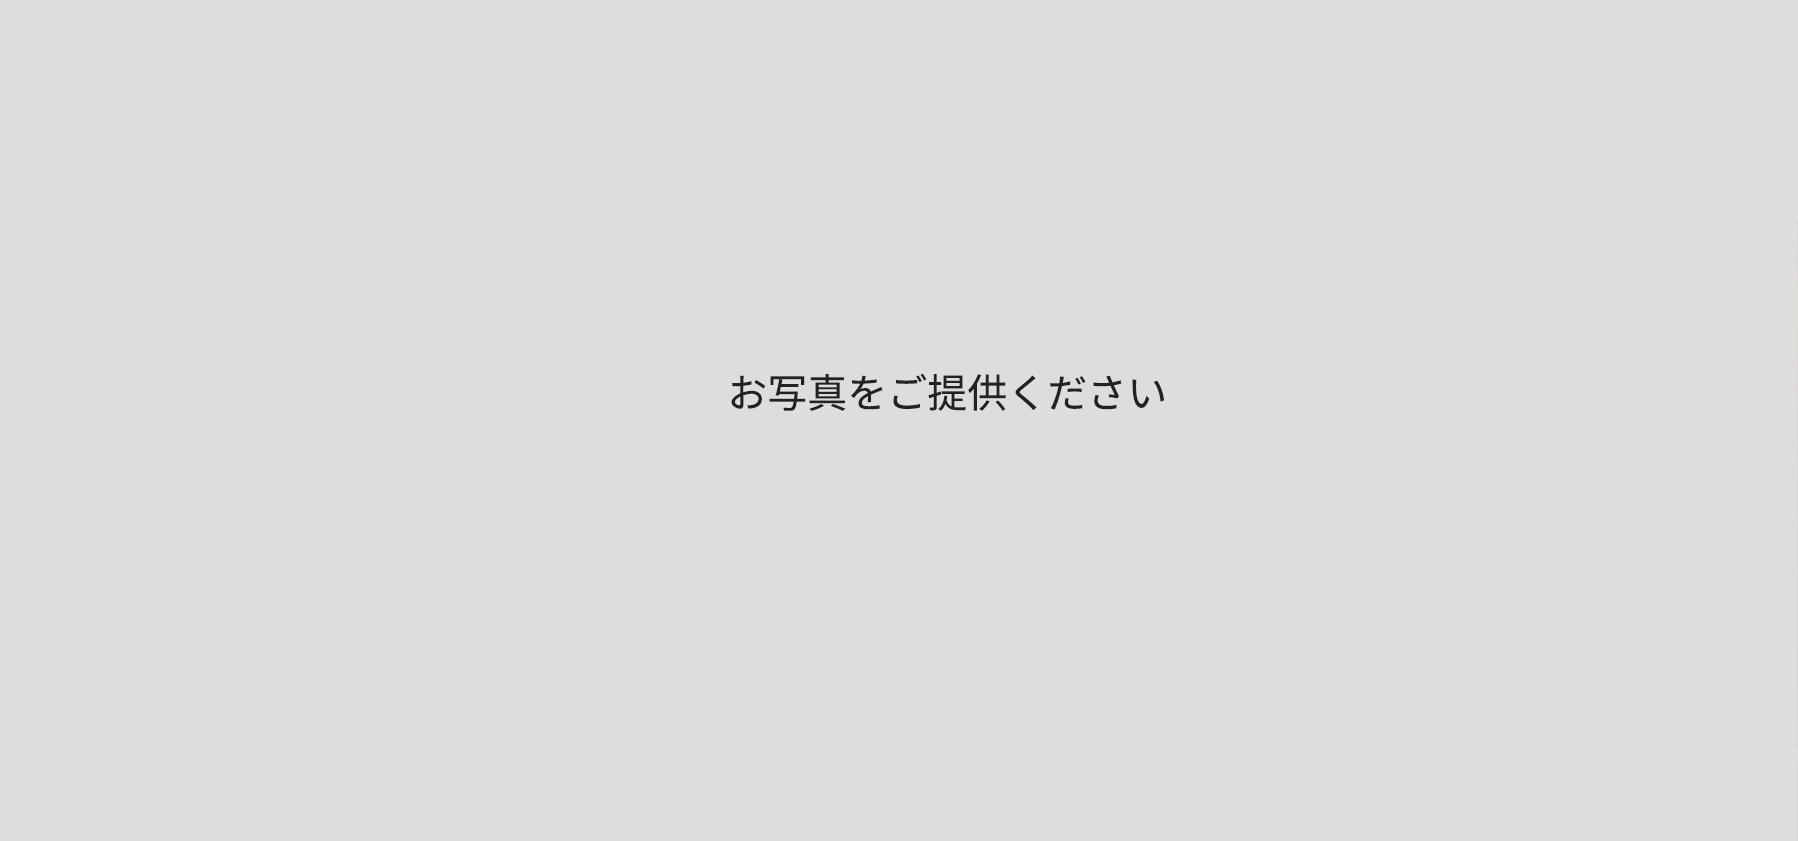 軽中古車専門店